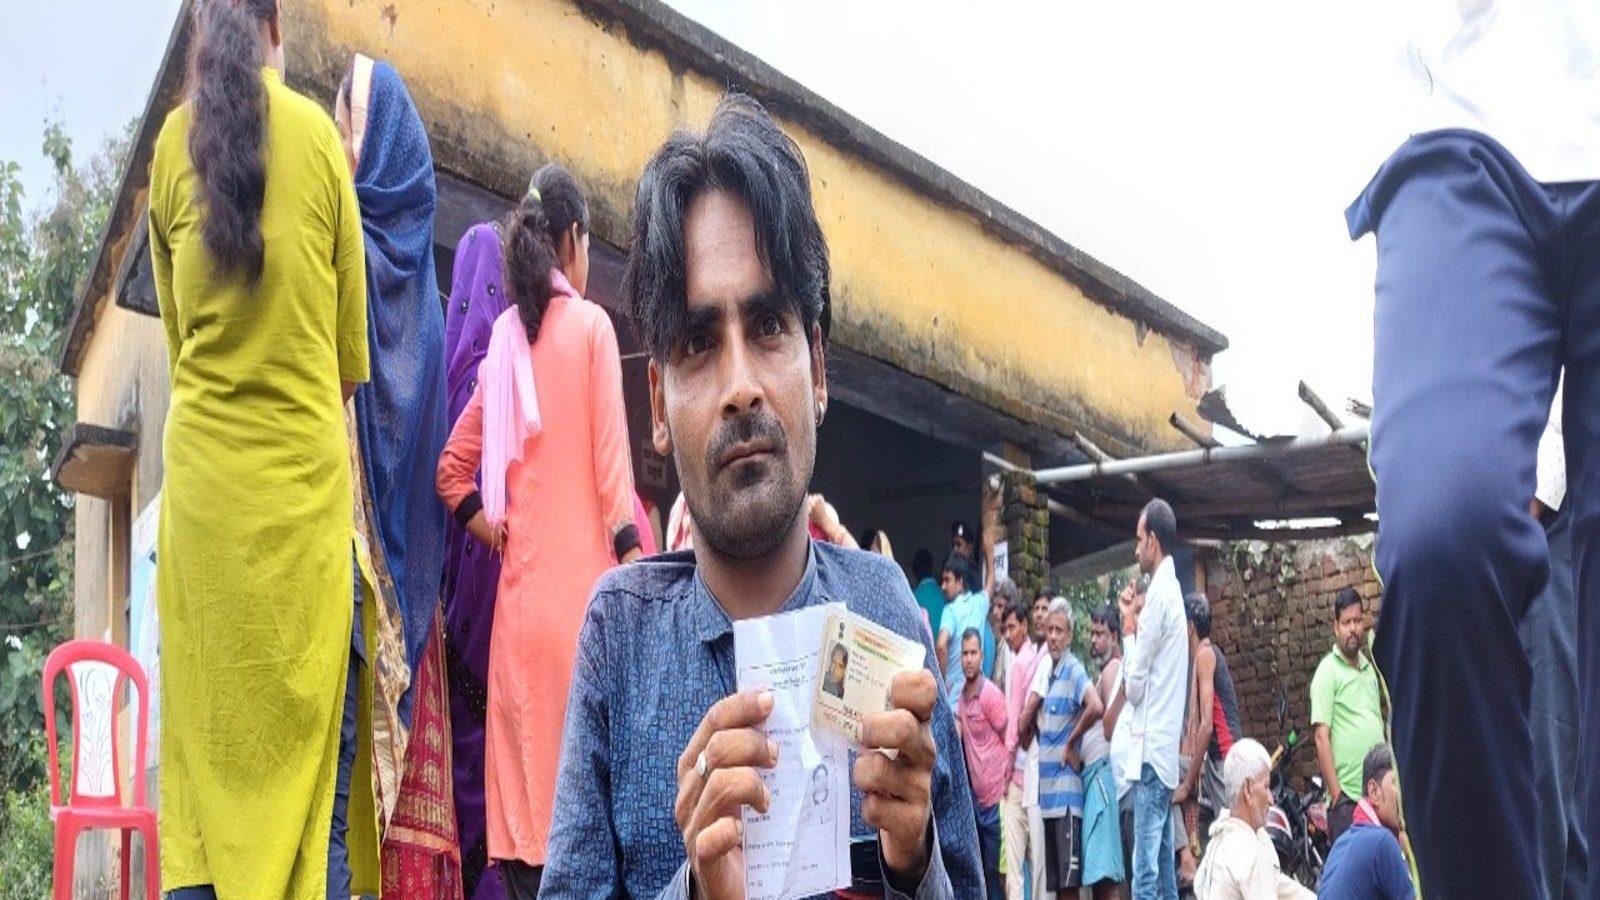 Bihar Panchayat Chunav: चौथे चरण में जमुई के नक्सल प्रभावित इलाके में खूब हुआ मतदान, 8 KM चलकर लोगों ने डाले वोट